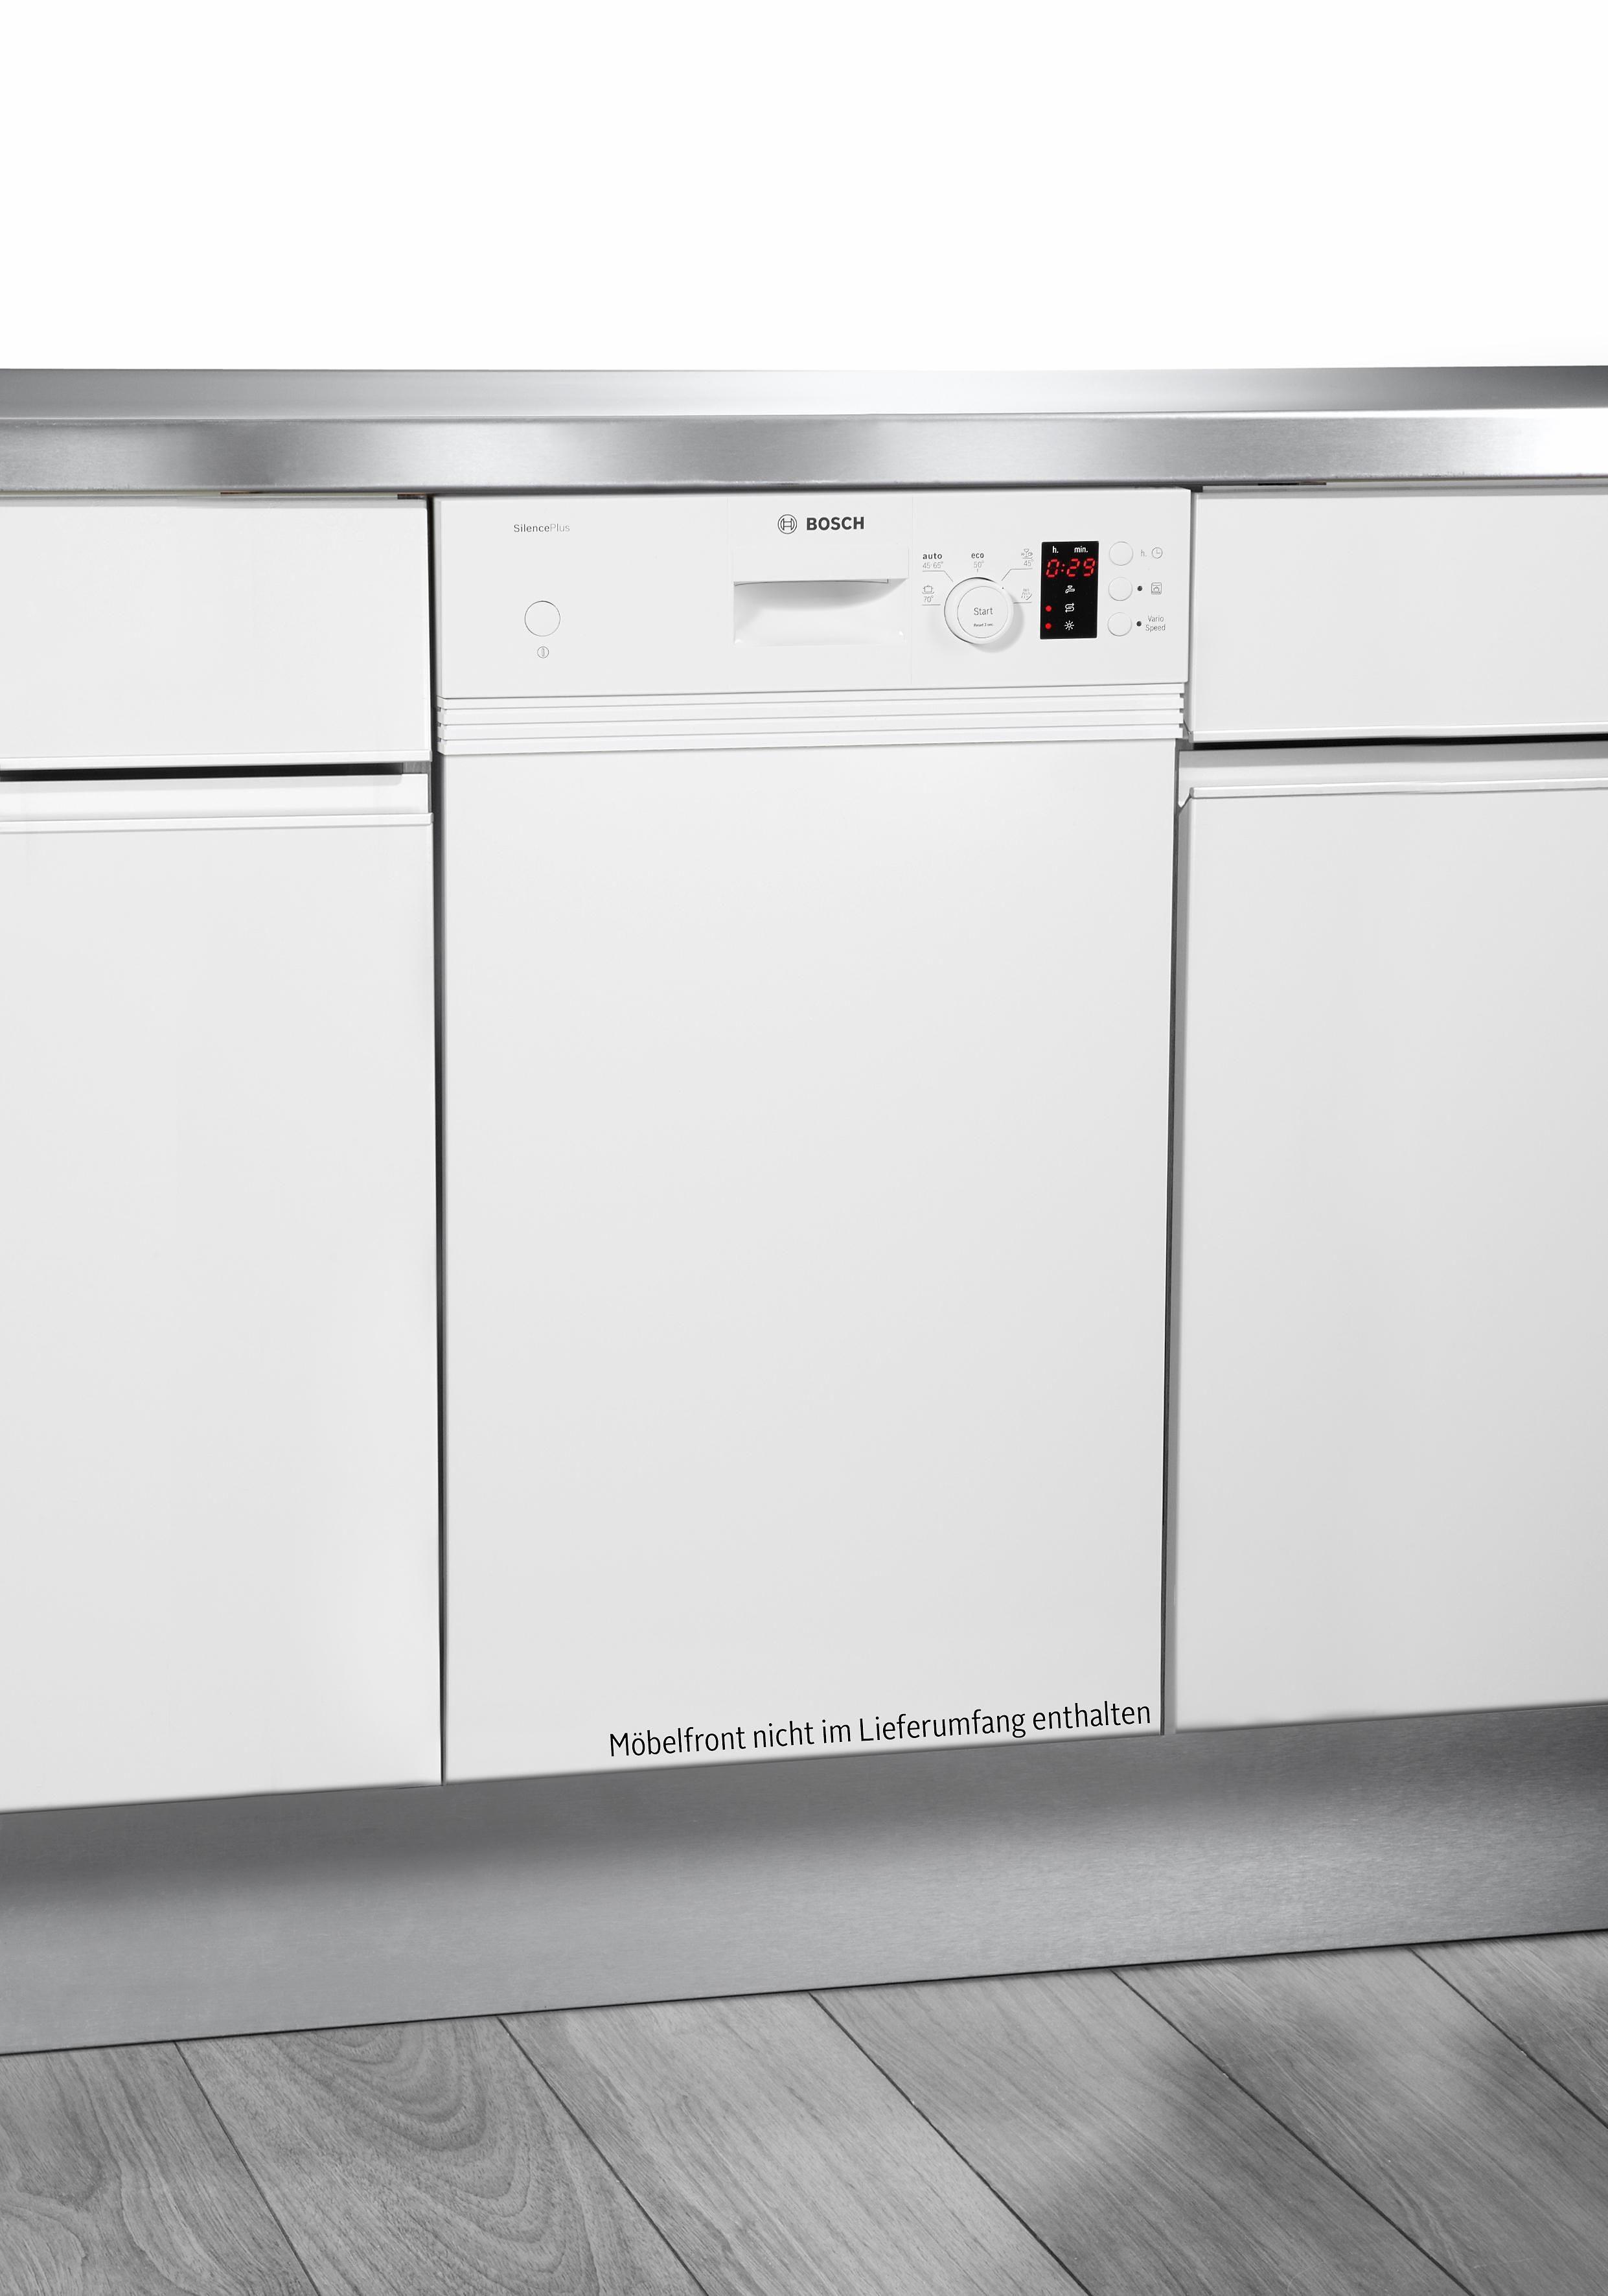 BOSCH Teilintegrierbarer Geschirrspüler Serie 4 SPI50E92EU weiß, A+, 9,5 Liter, 9 Maßgedecke